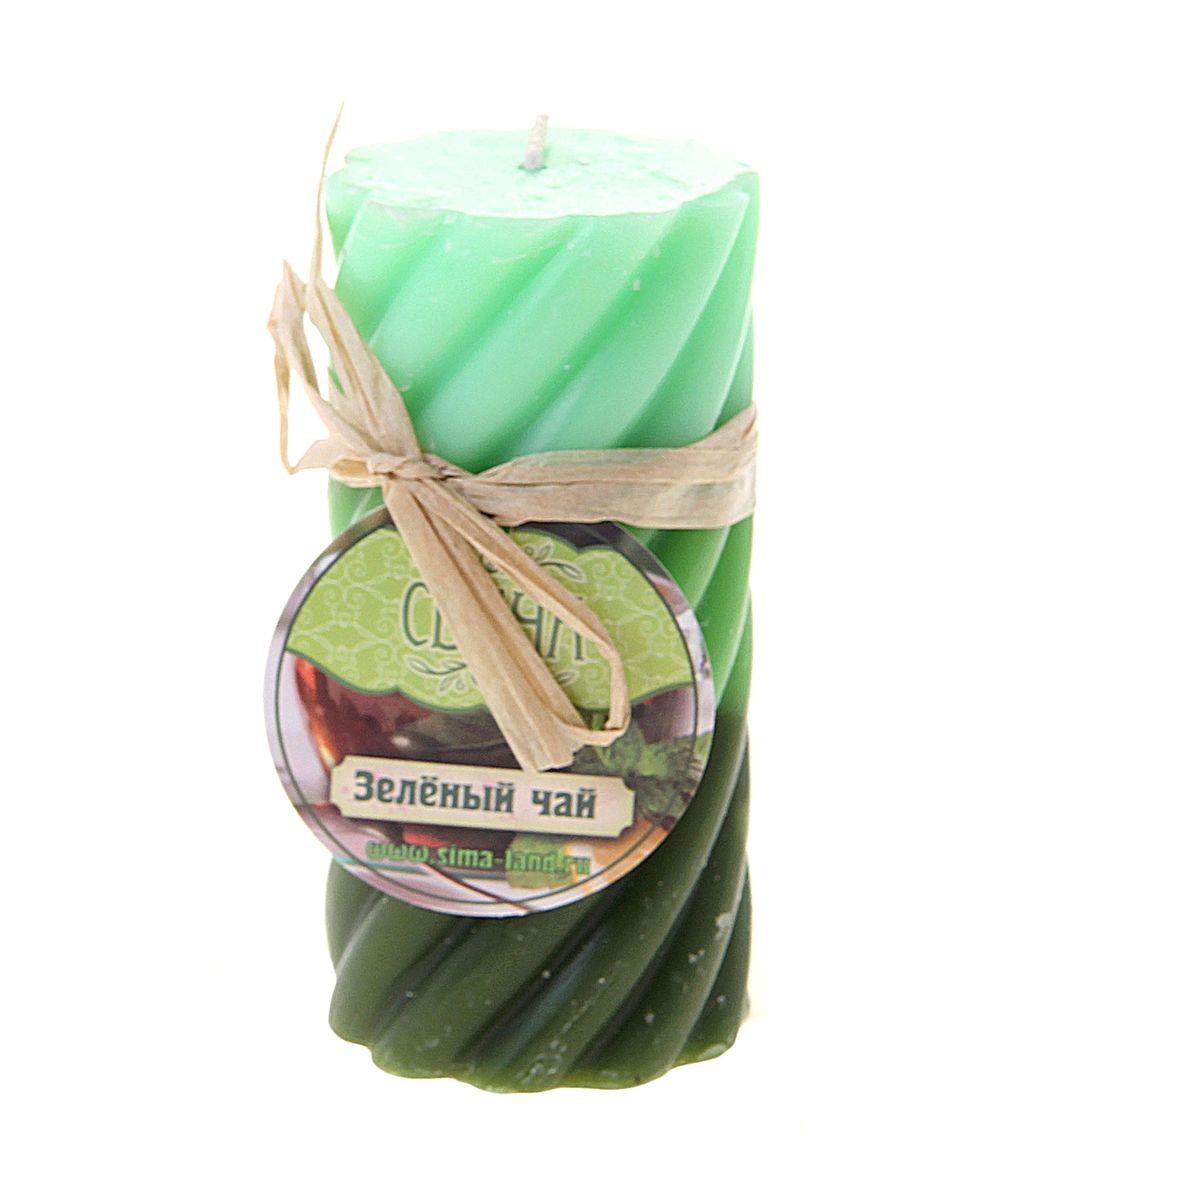 Свеча ароматизированная Sima-land Зеленый чай, высота 10 см свеча ароматизированная sima land зеленый чай высота 5 см